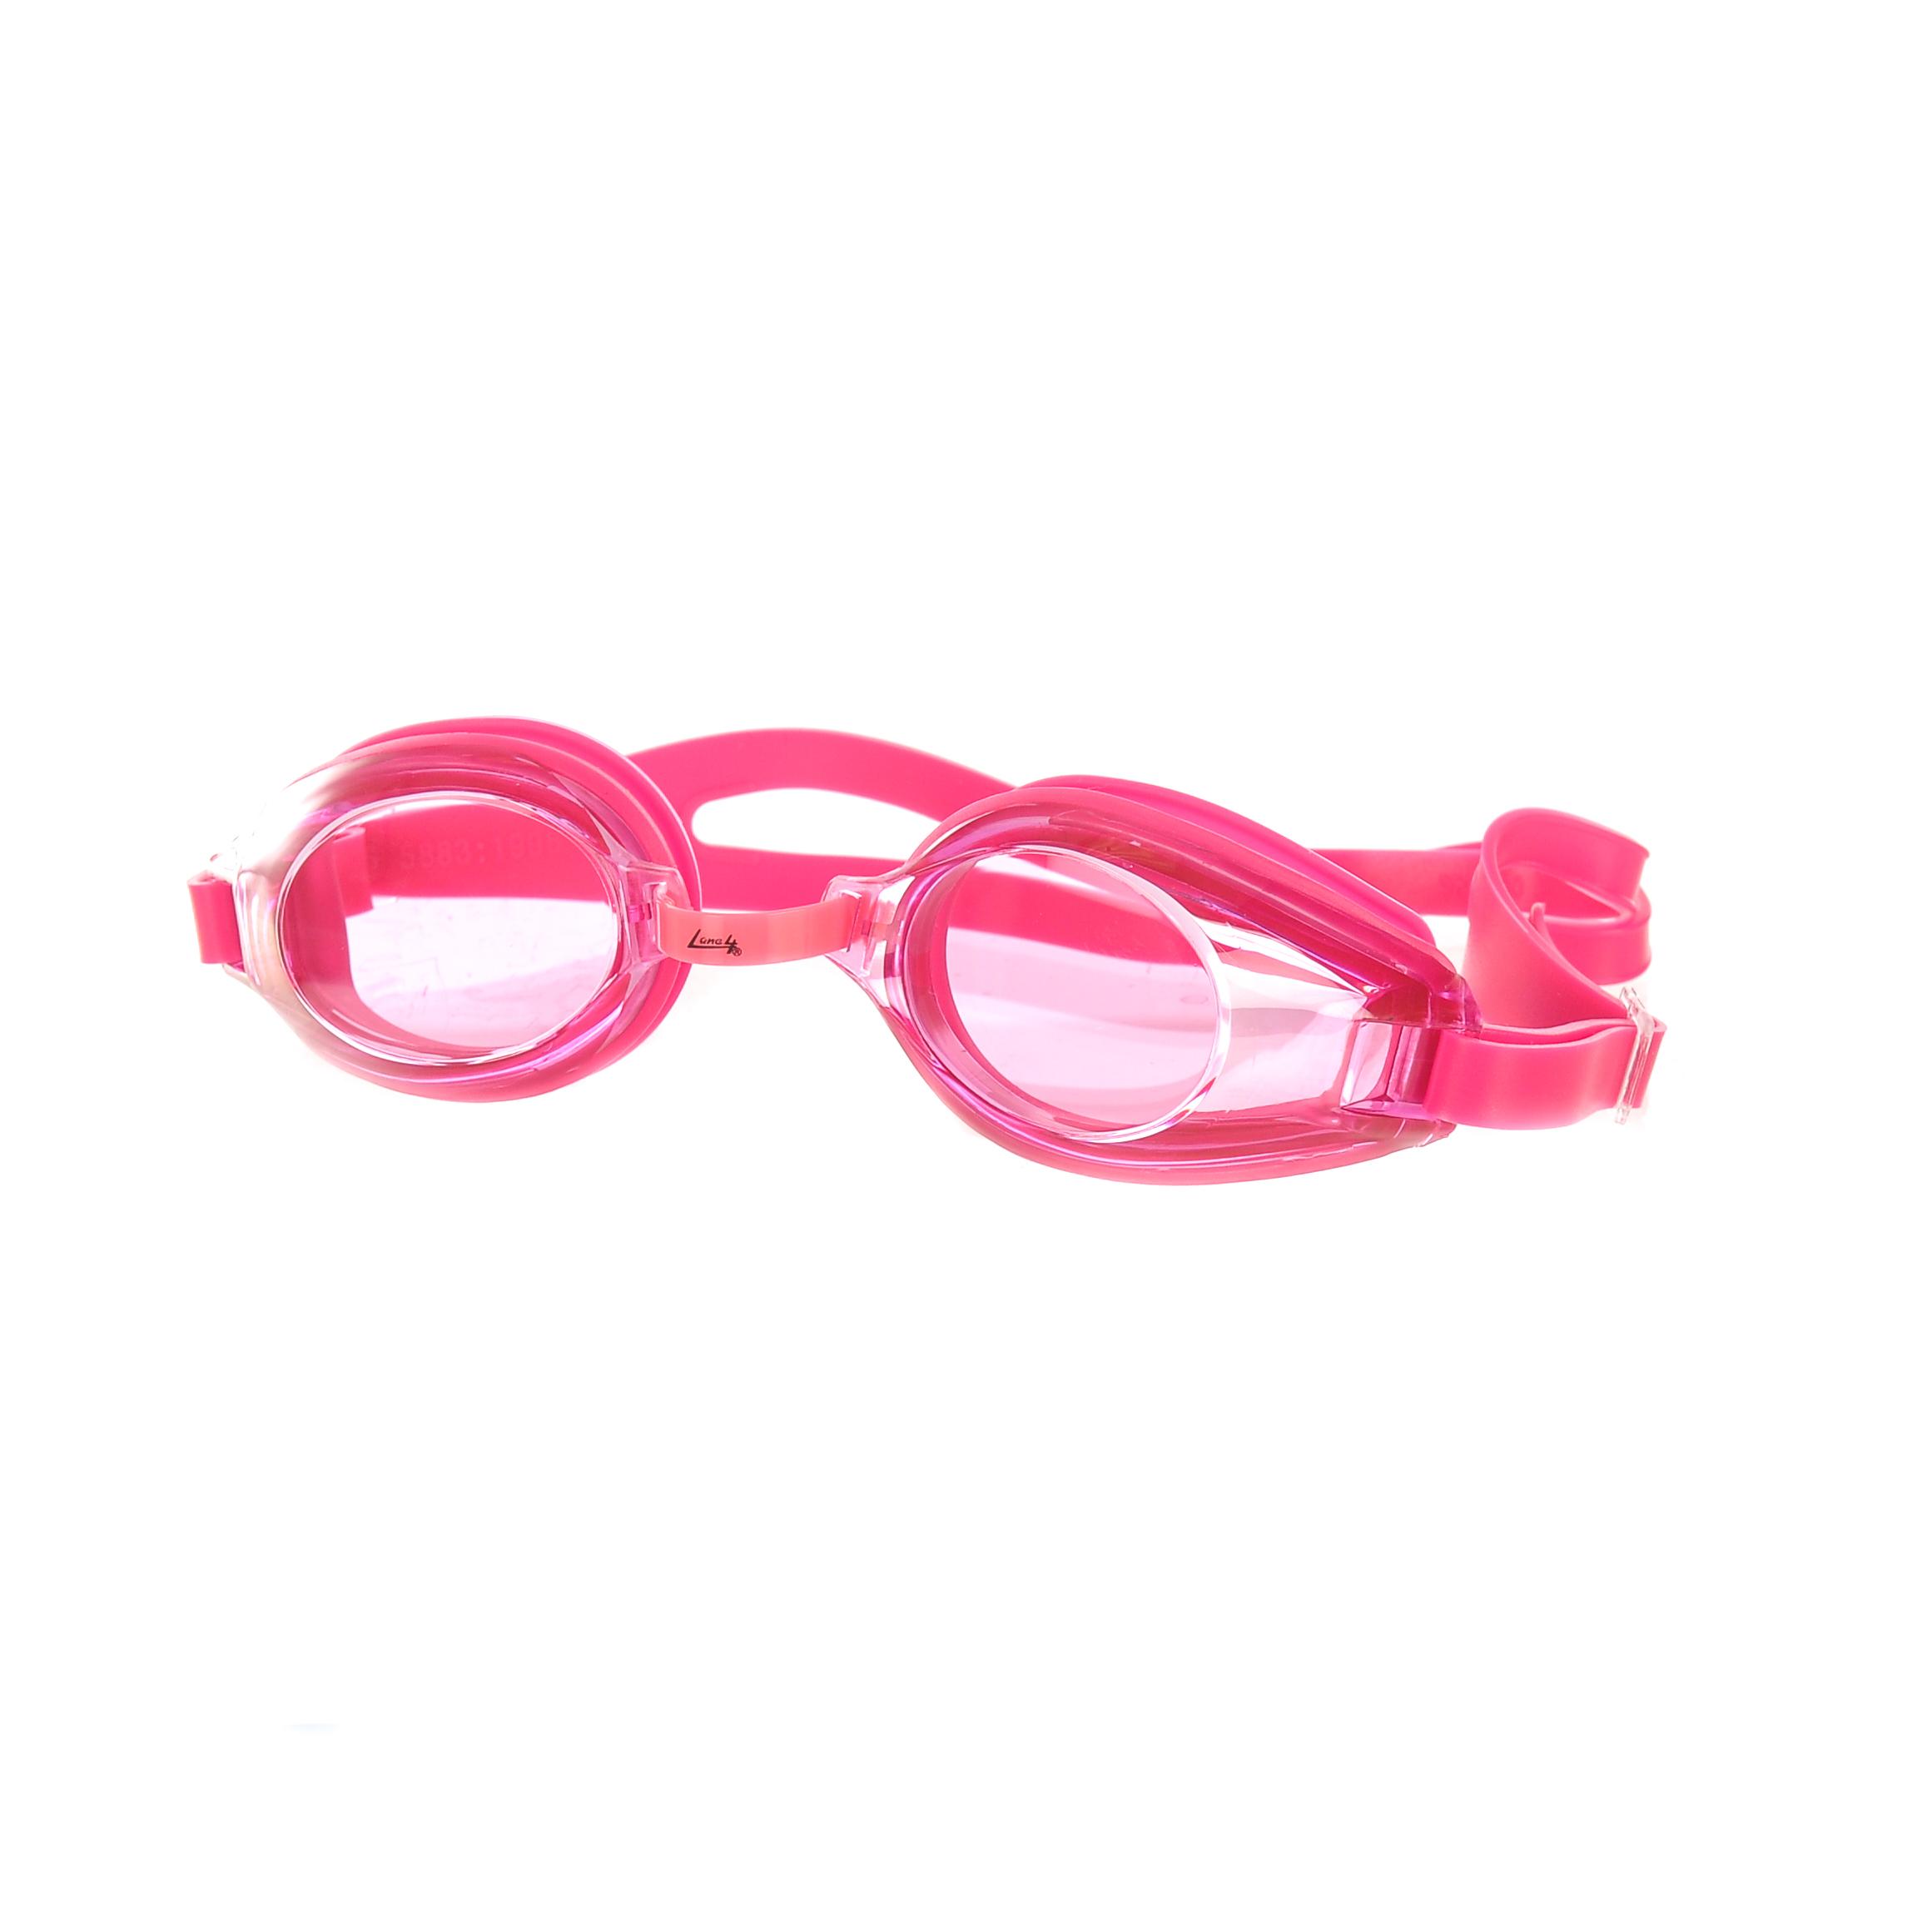 Simglasögon till junior och vuxna. Simglasögon från Lane4. 3ec27efc734d3